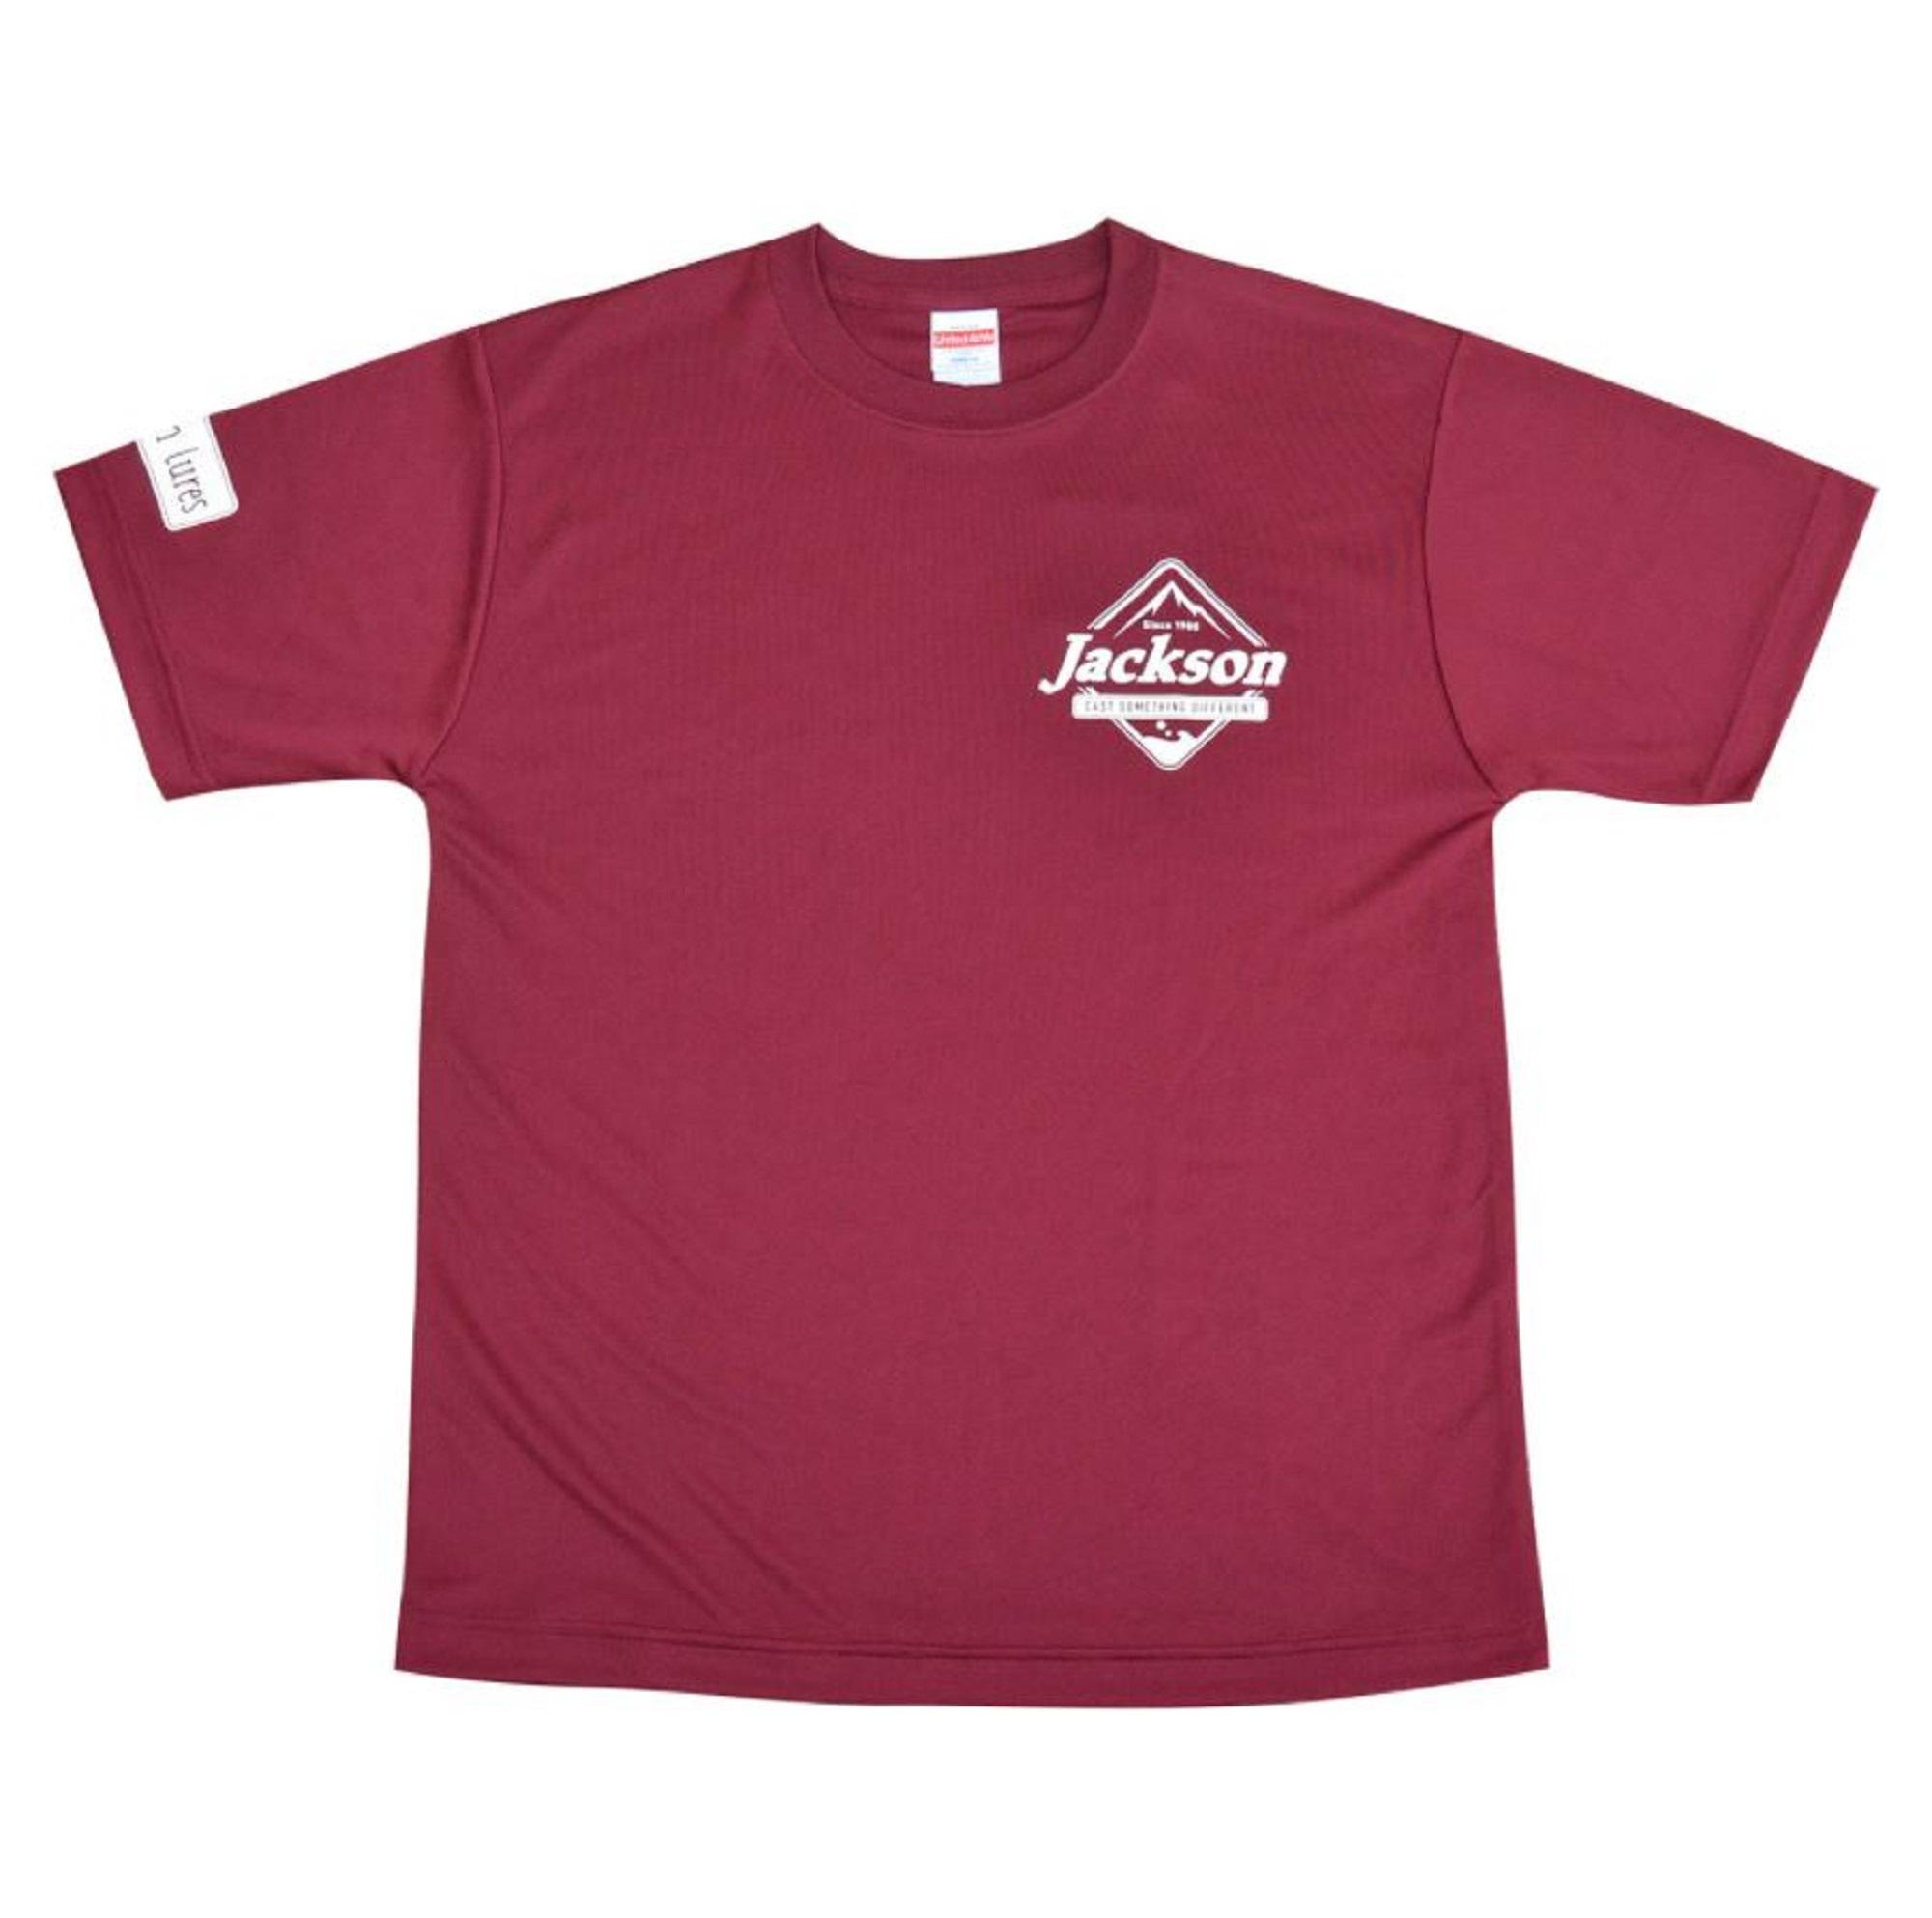 Jackson T-shirt Silky Touch Tee Burgundy XXXL (9175)